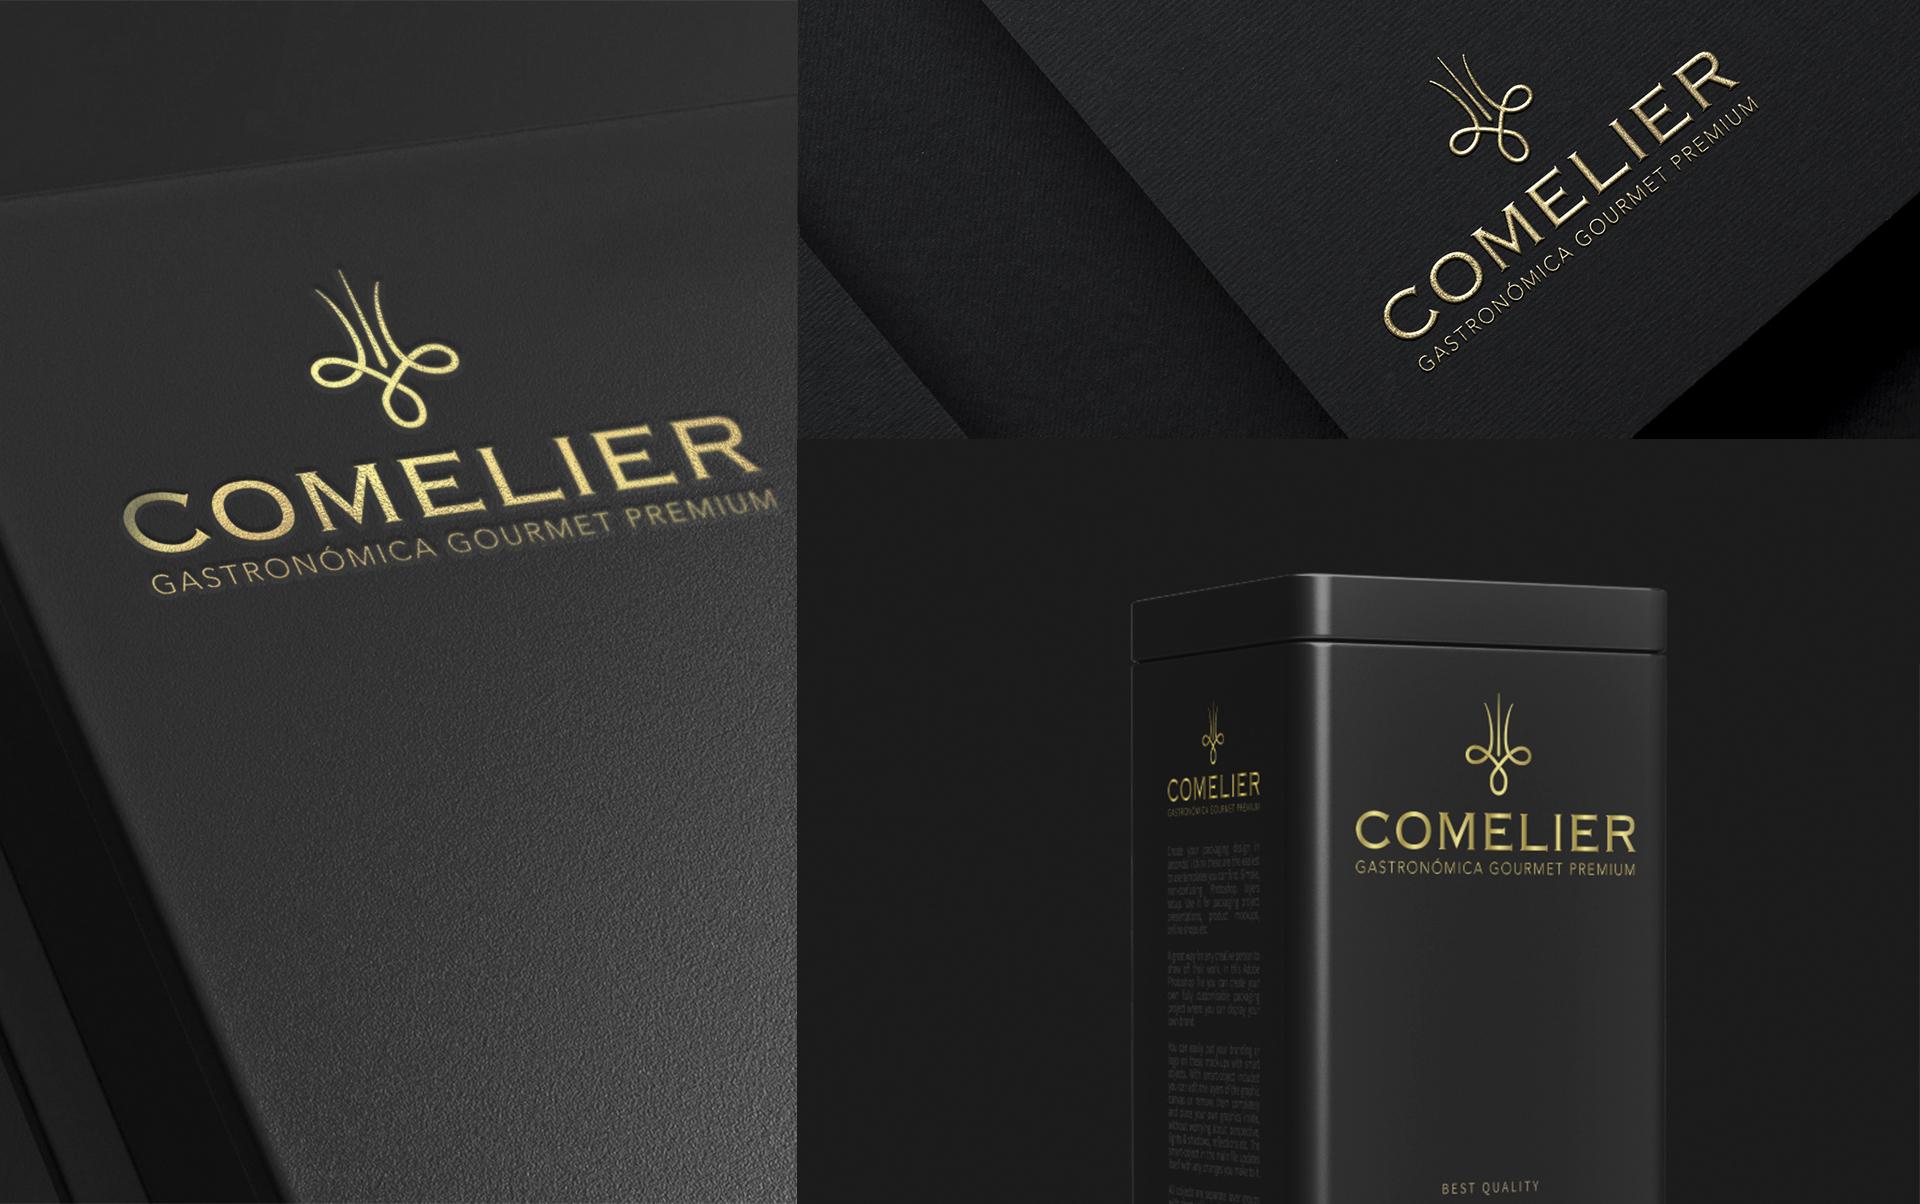 branding elegante diseno barcelona - En el detalle esta la diferencia y con acabados especiales se consigue